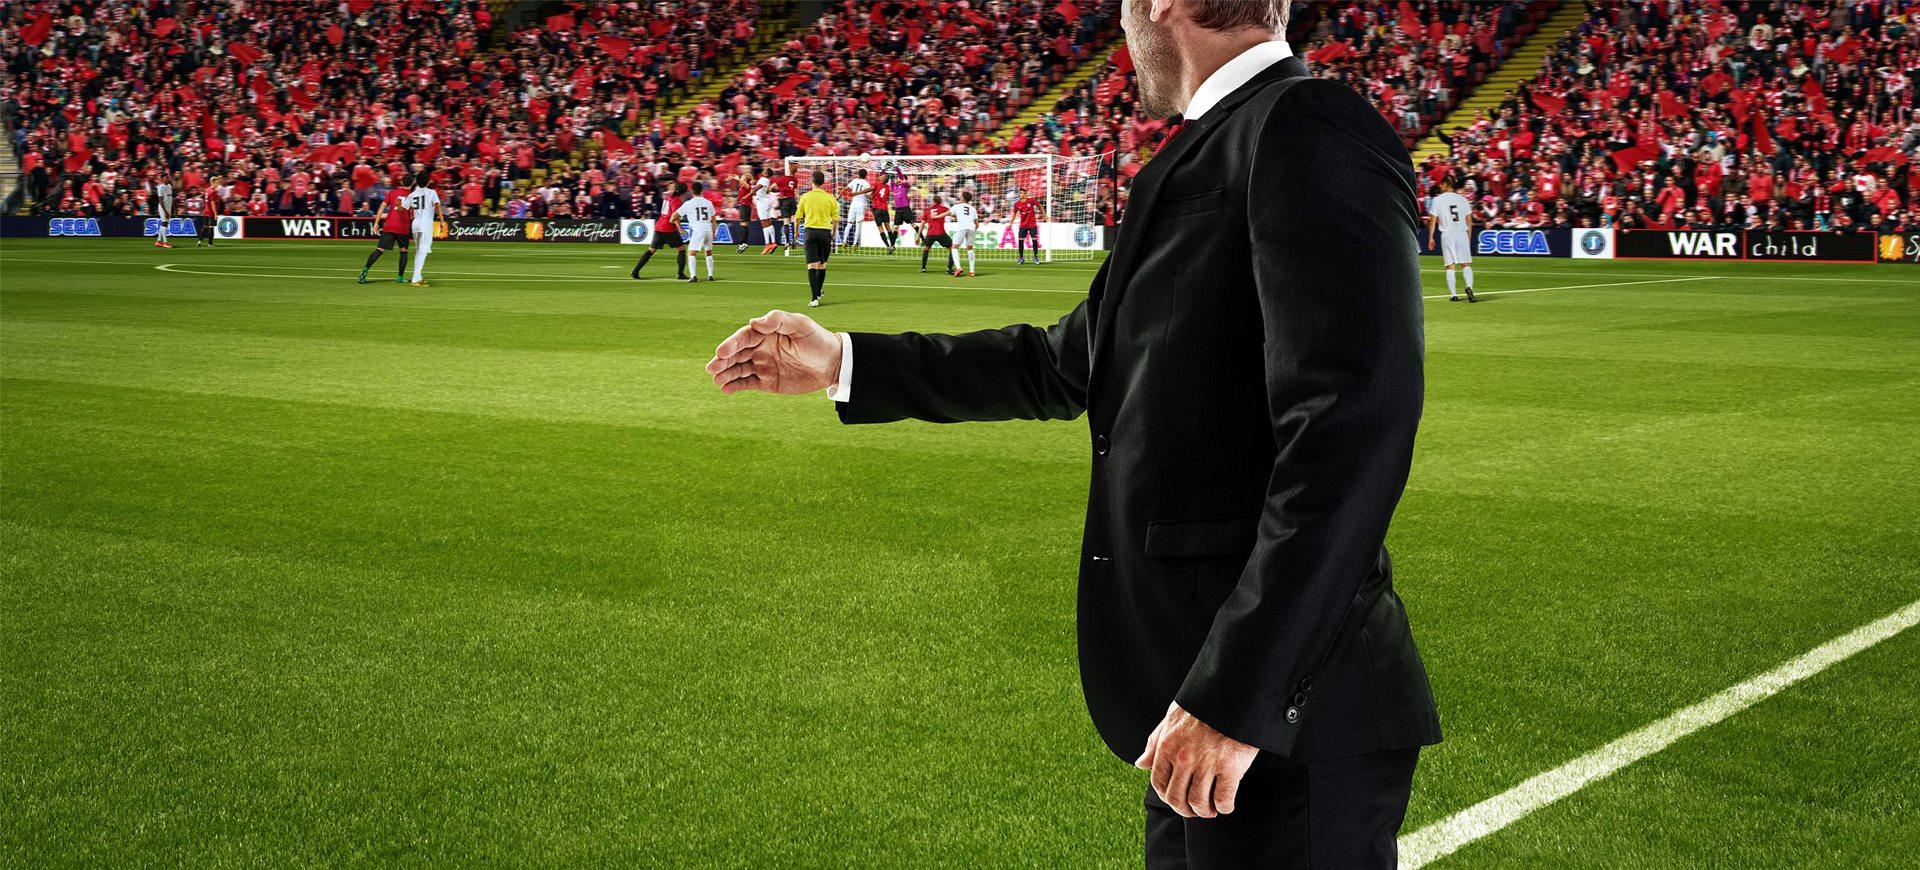 Football Manager 2017 - Đánh Giá Game